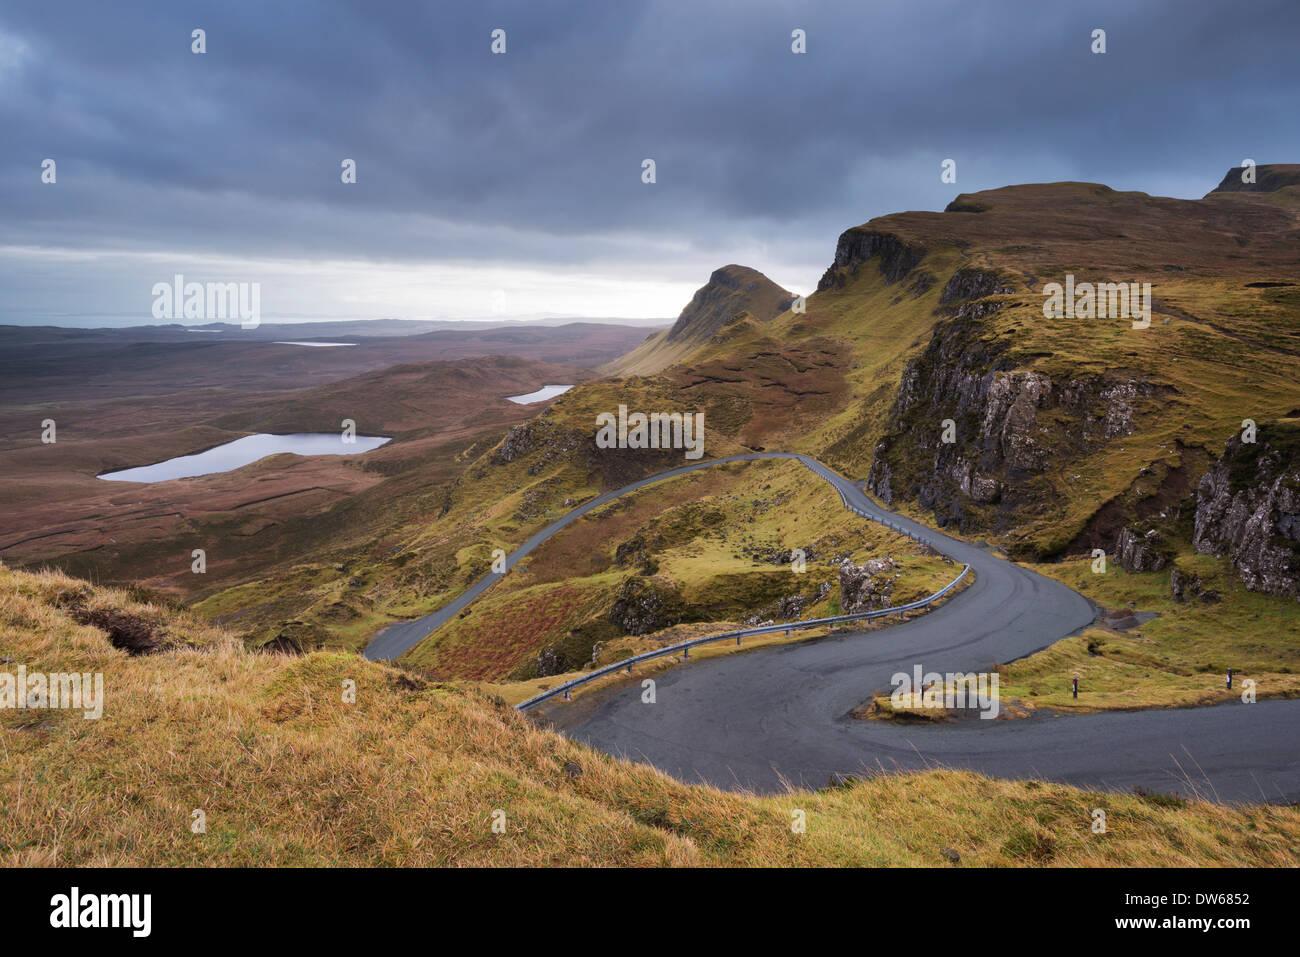 Kurvenreiche Straße führt durch Berge, Quiraing, Isle Of Skye, Schottland. Winter (Dezember) 2013. Stockbild